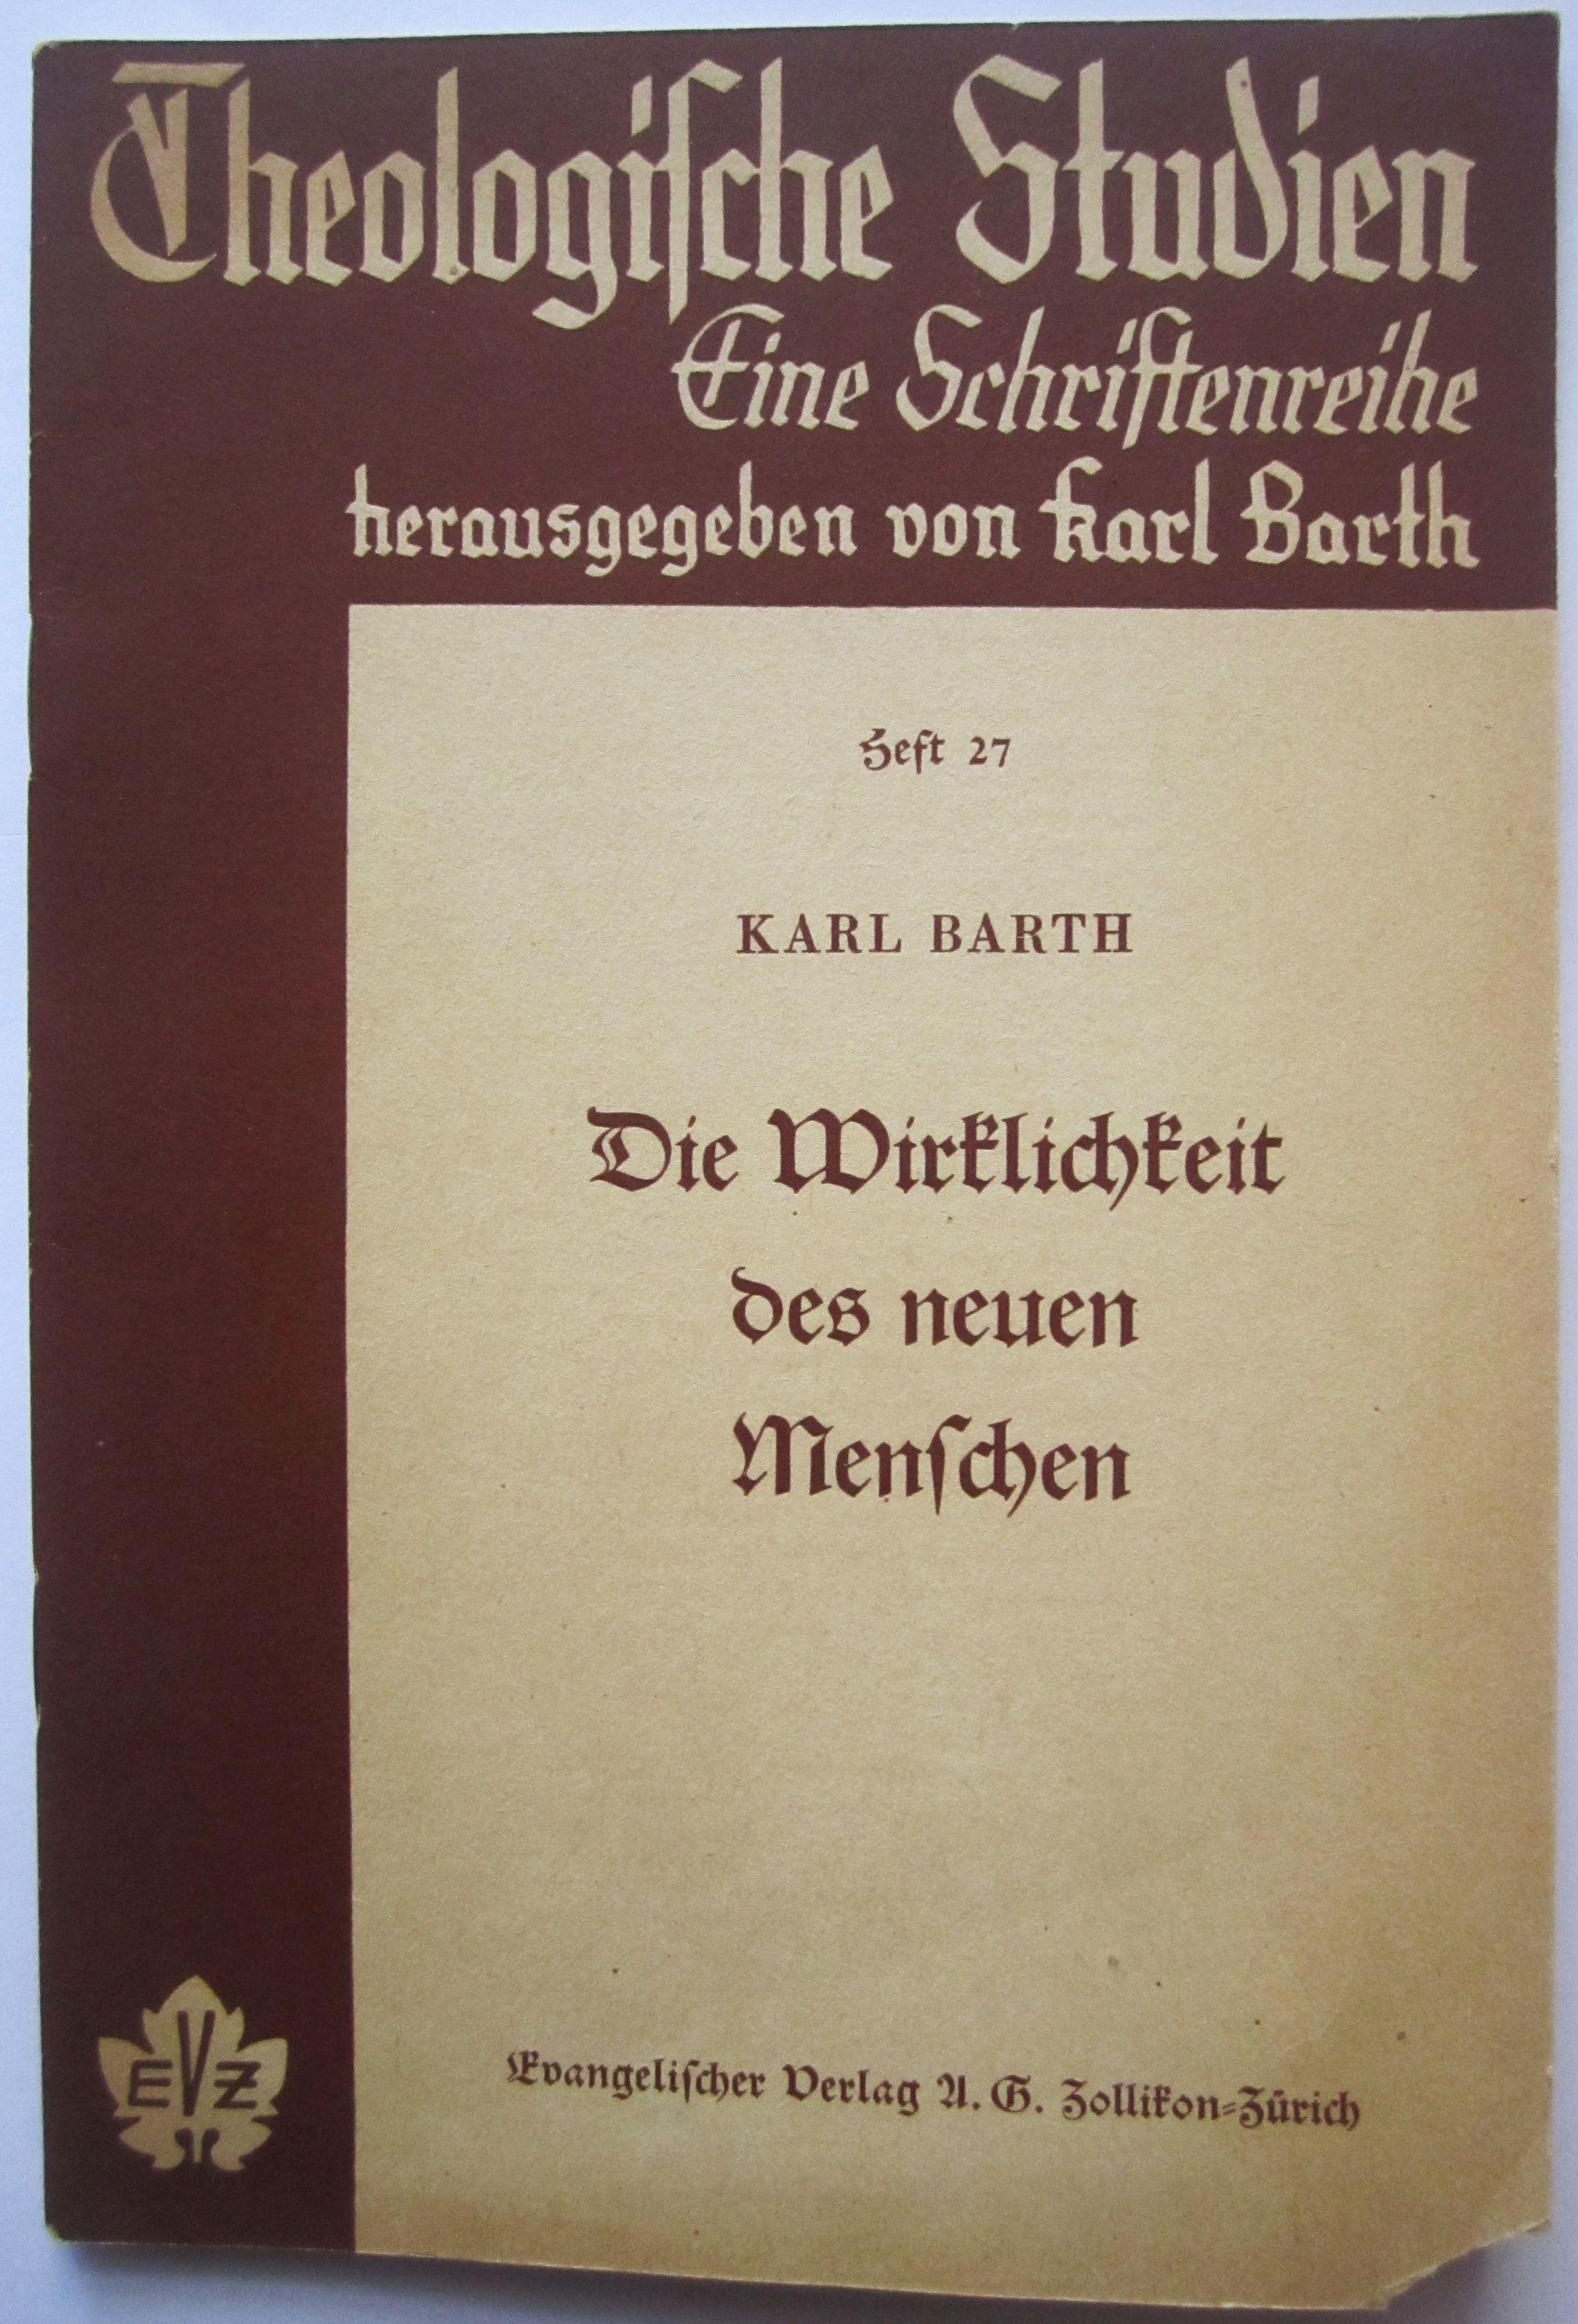 Die Wirklichkeit des neuen Menschen: Barth, Karl